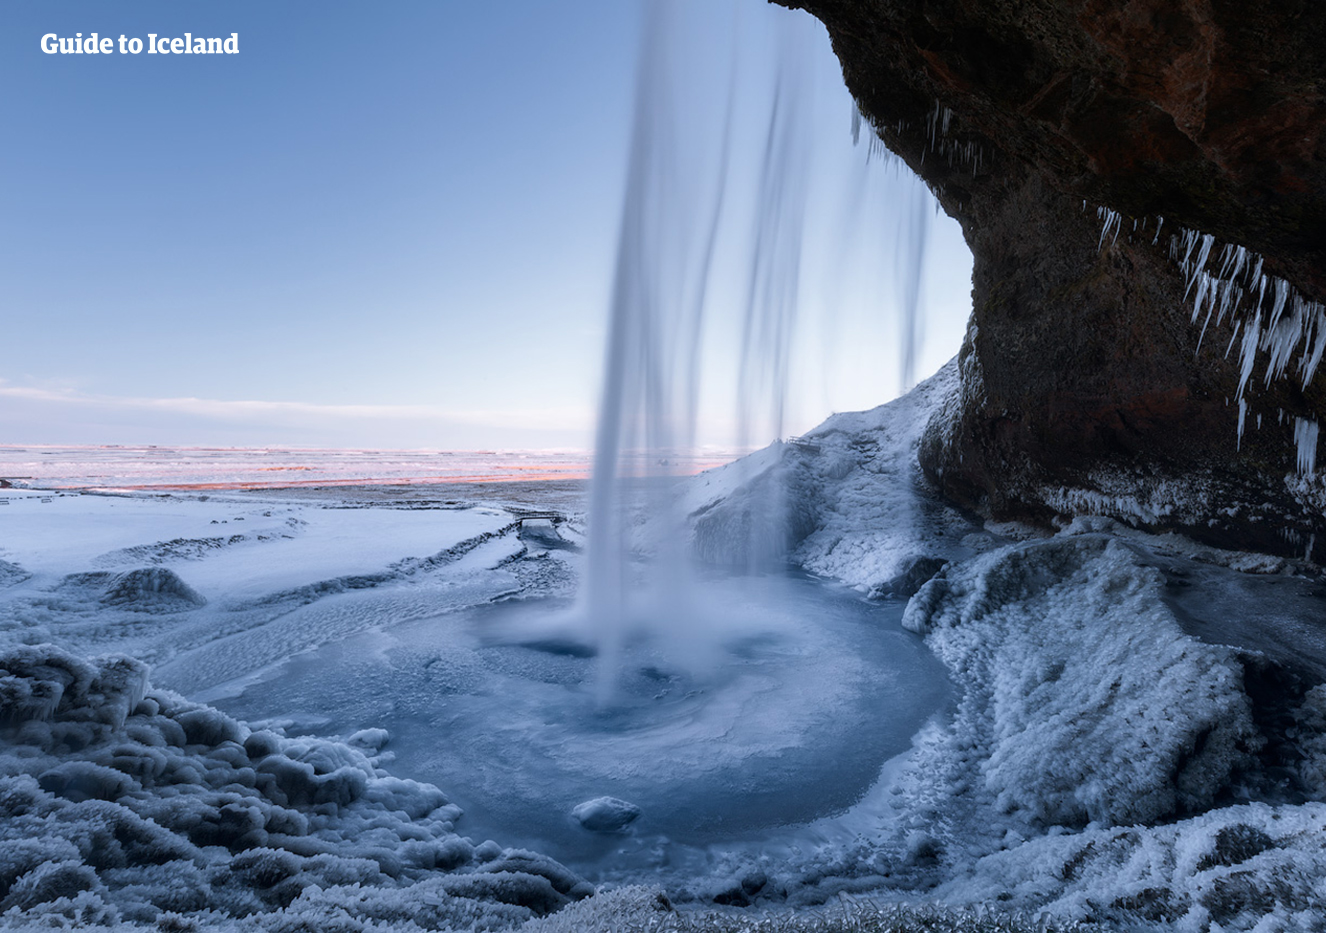 Por la noche, la Costa Sur de Islandia es hermosa, con sus enormes formaciones rocosas negras.